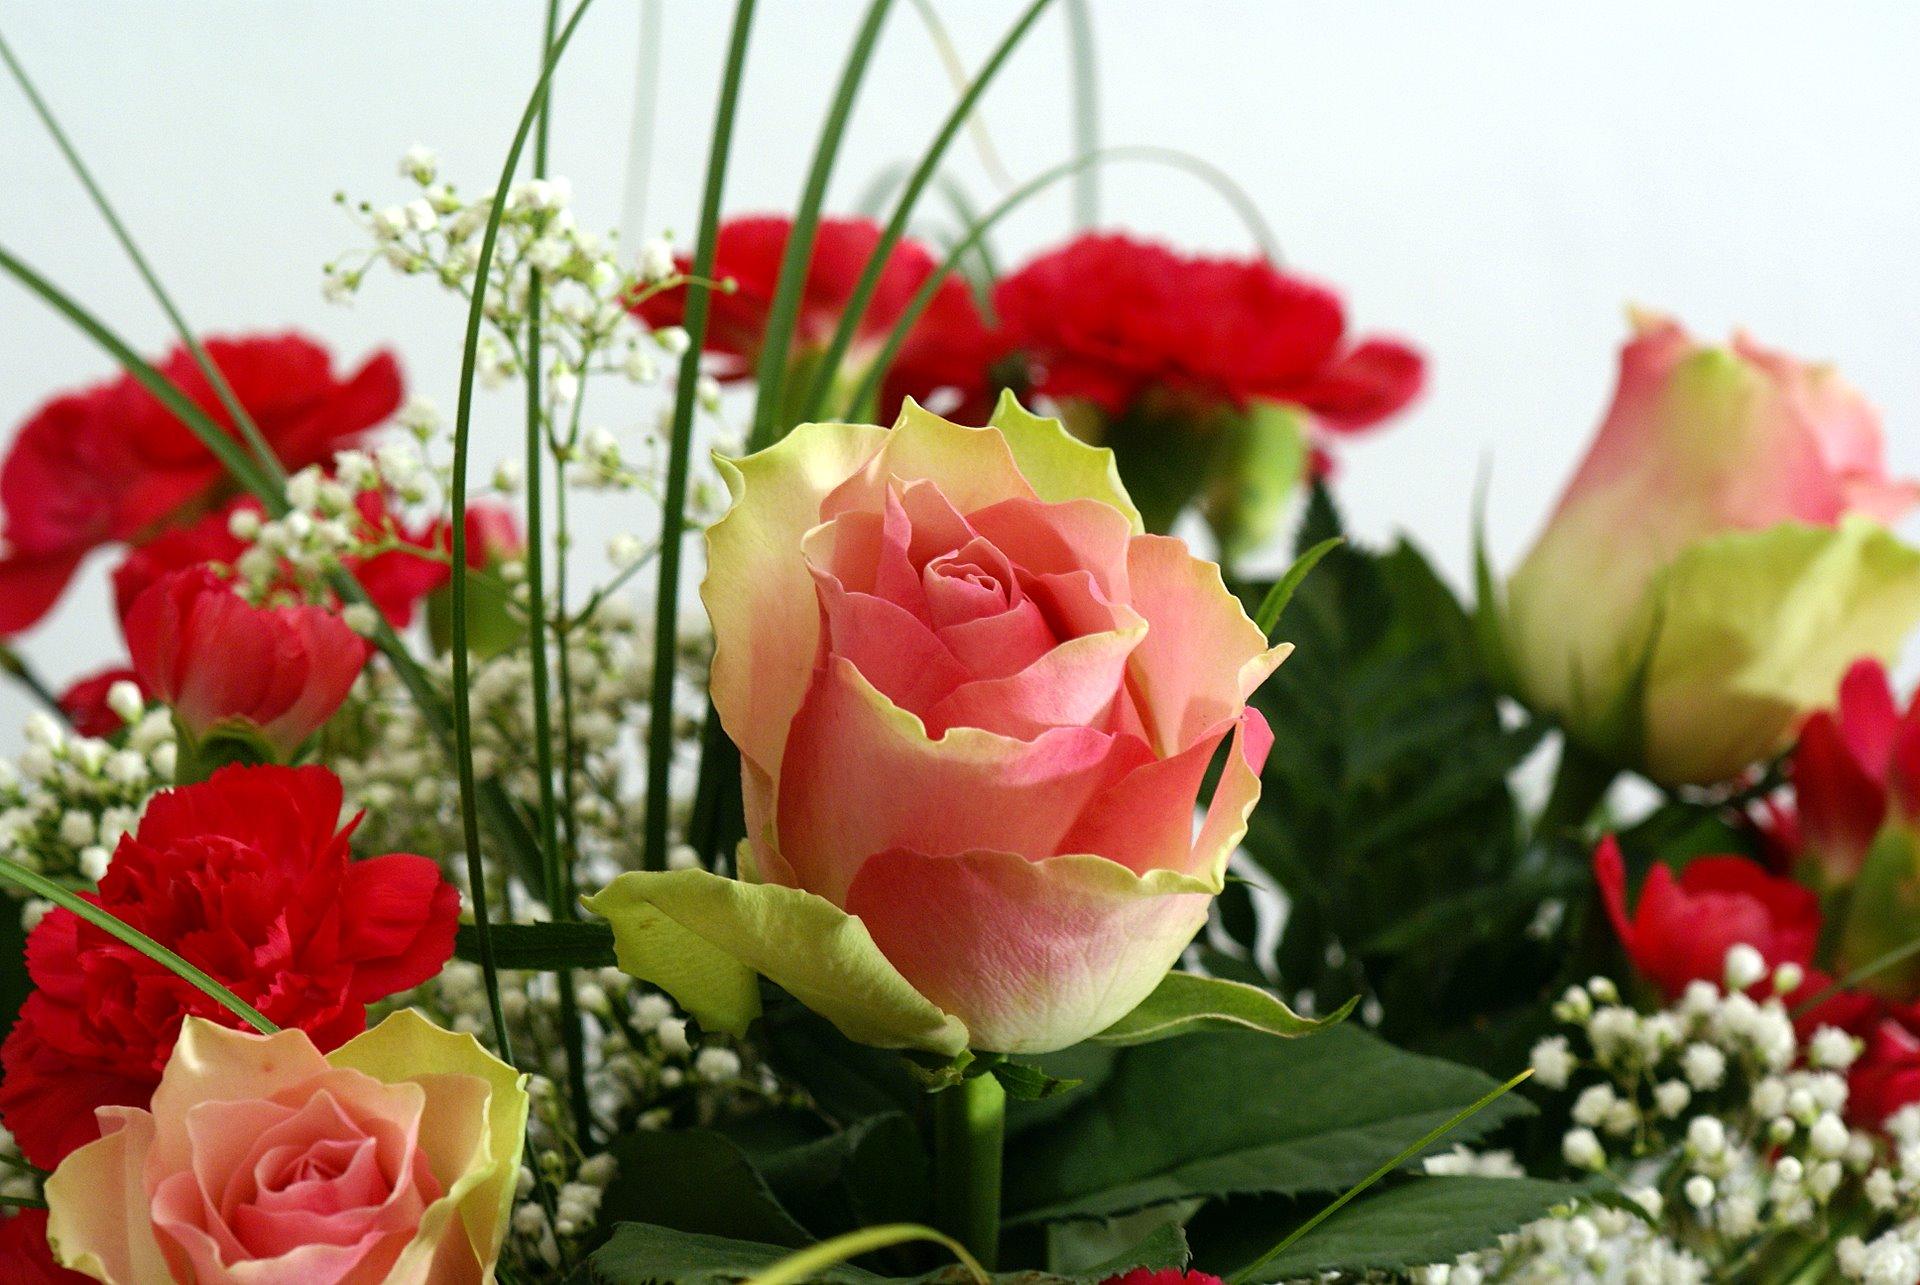 صوره صور اجمل الورود , ورود برونق خاص